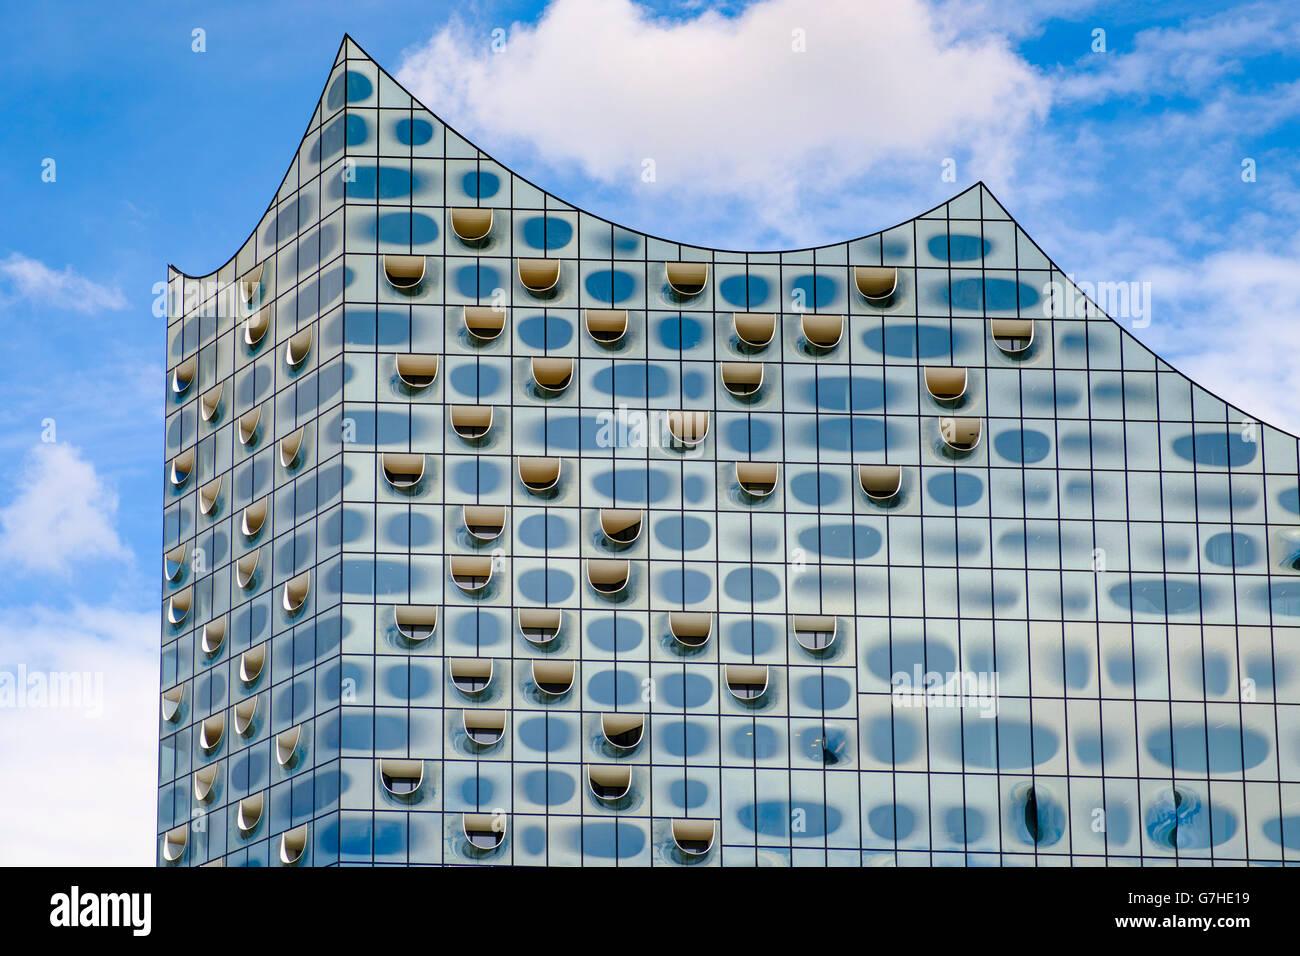 Vista de la fachada de vidrio abstracta nueva Elbphilharmonie Concert Hall terminando en el río Elba en Hamburgo, Imagen De Stock